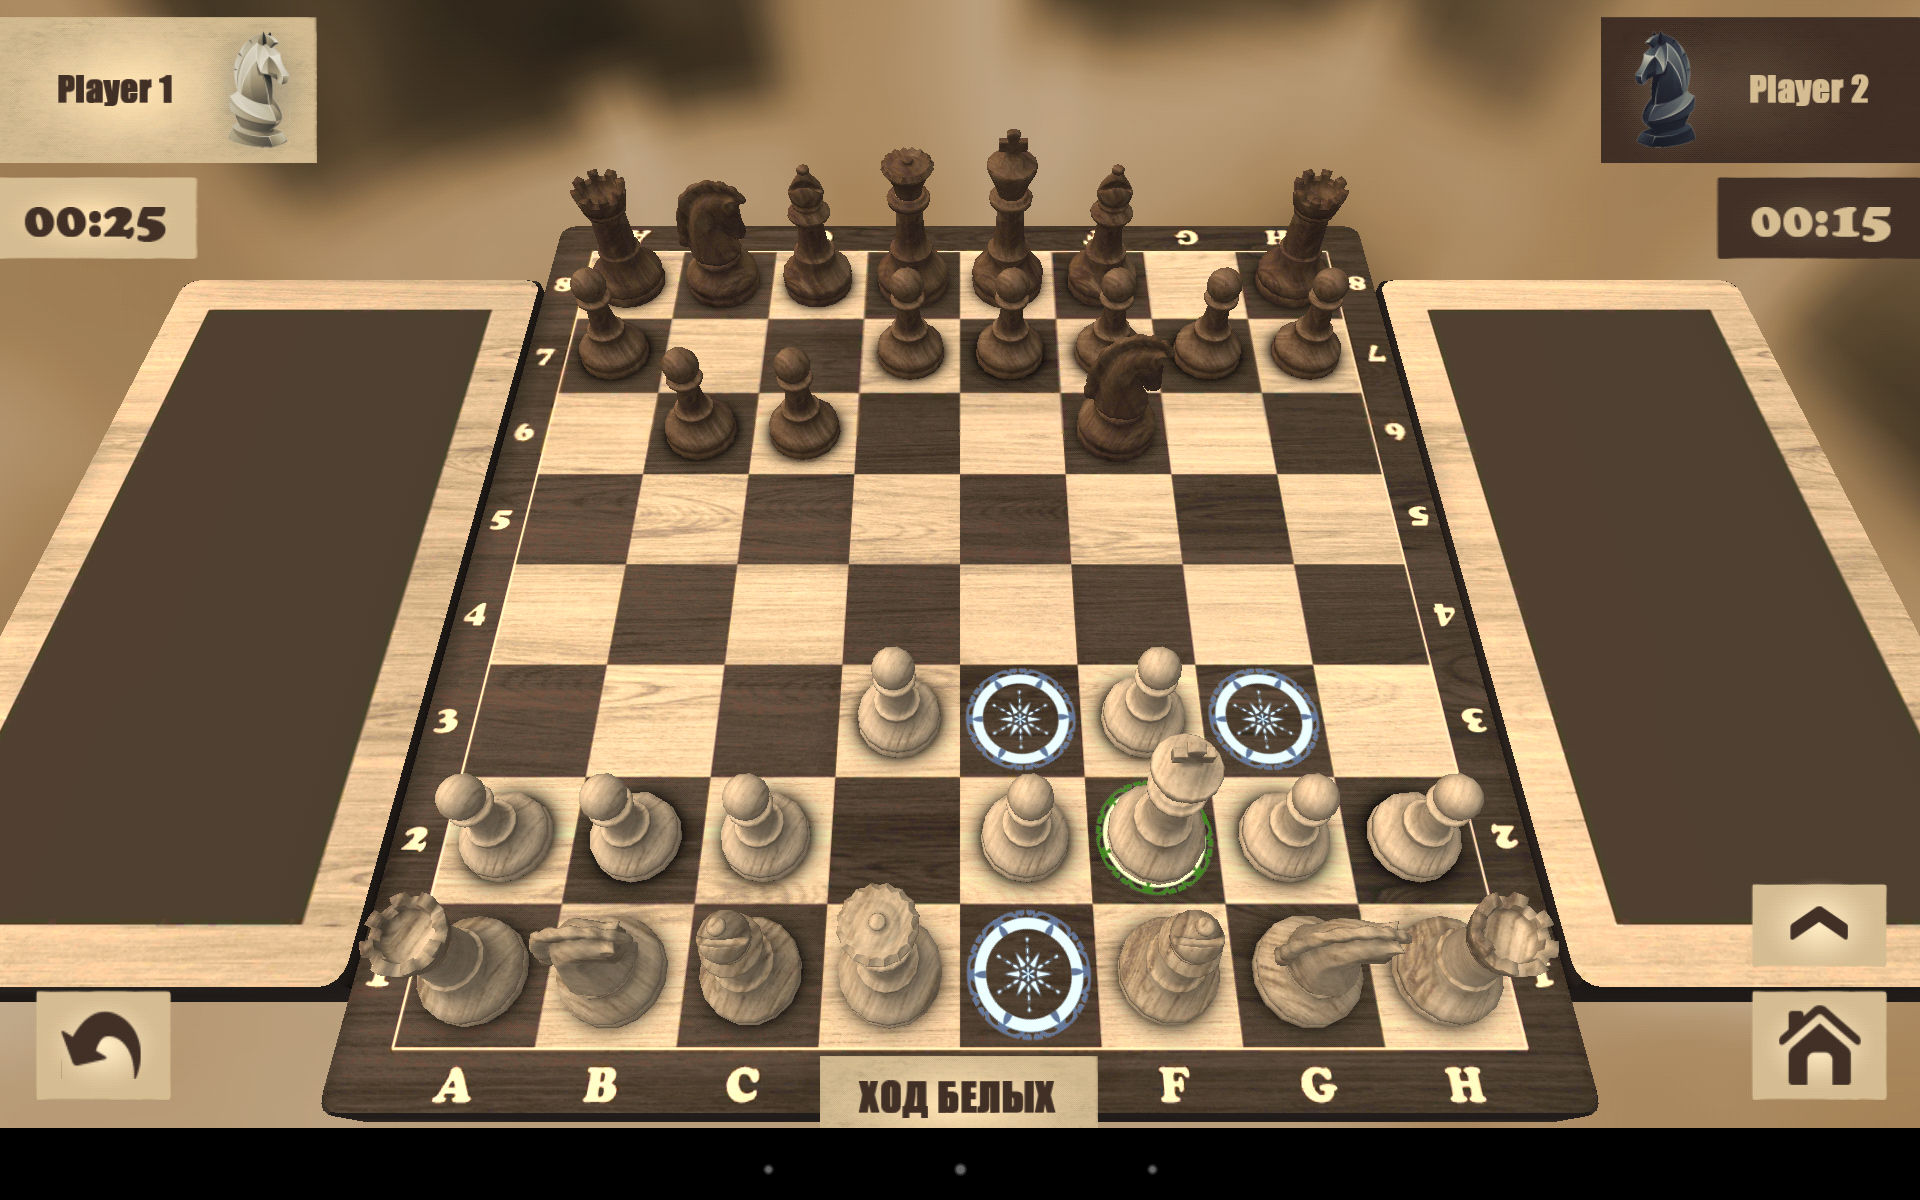 Schach Spielen Gegen Computer Ohne Anmeldung Kostenlos